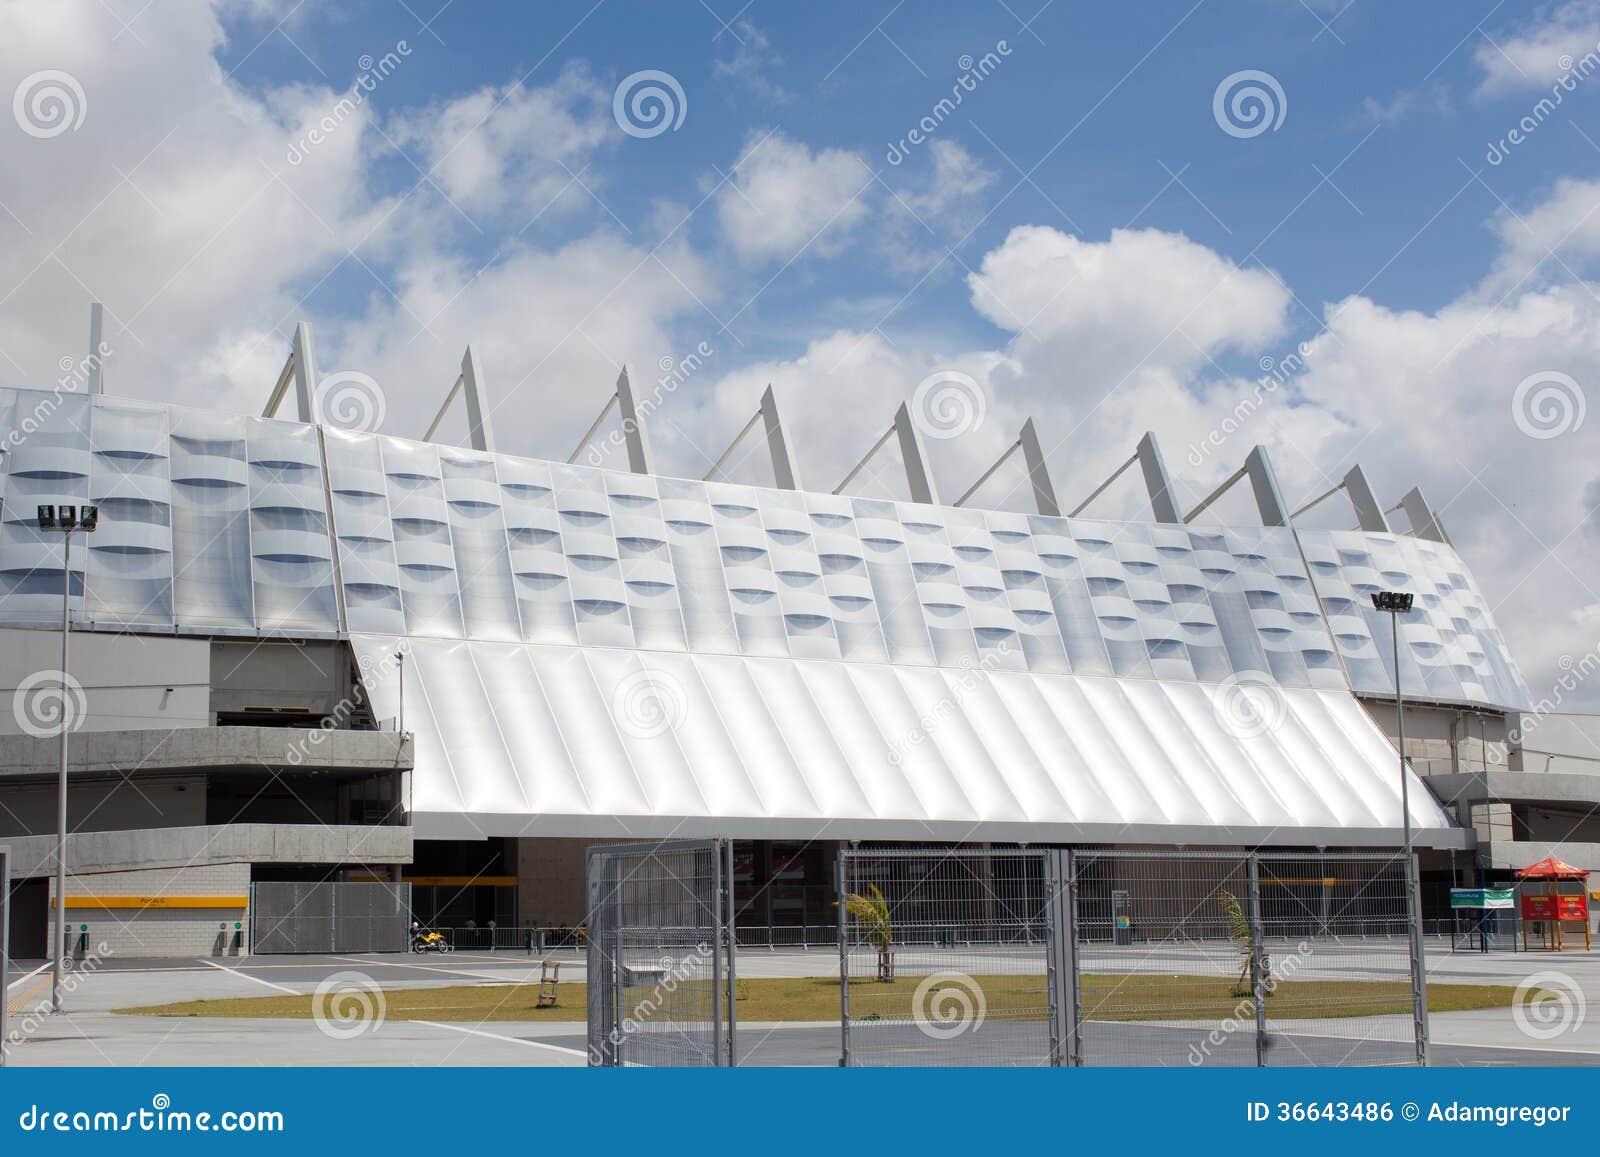 Pernambuco竞技场在累西腓在巴西